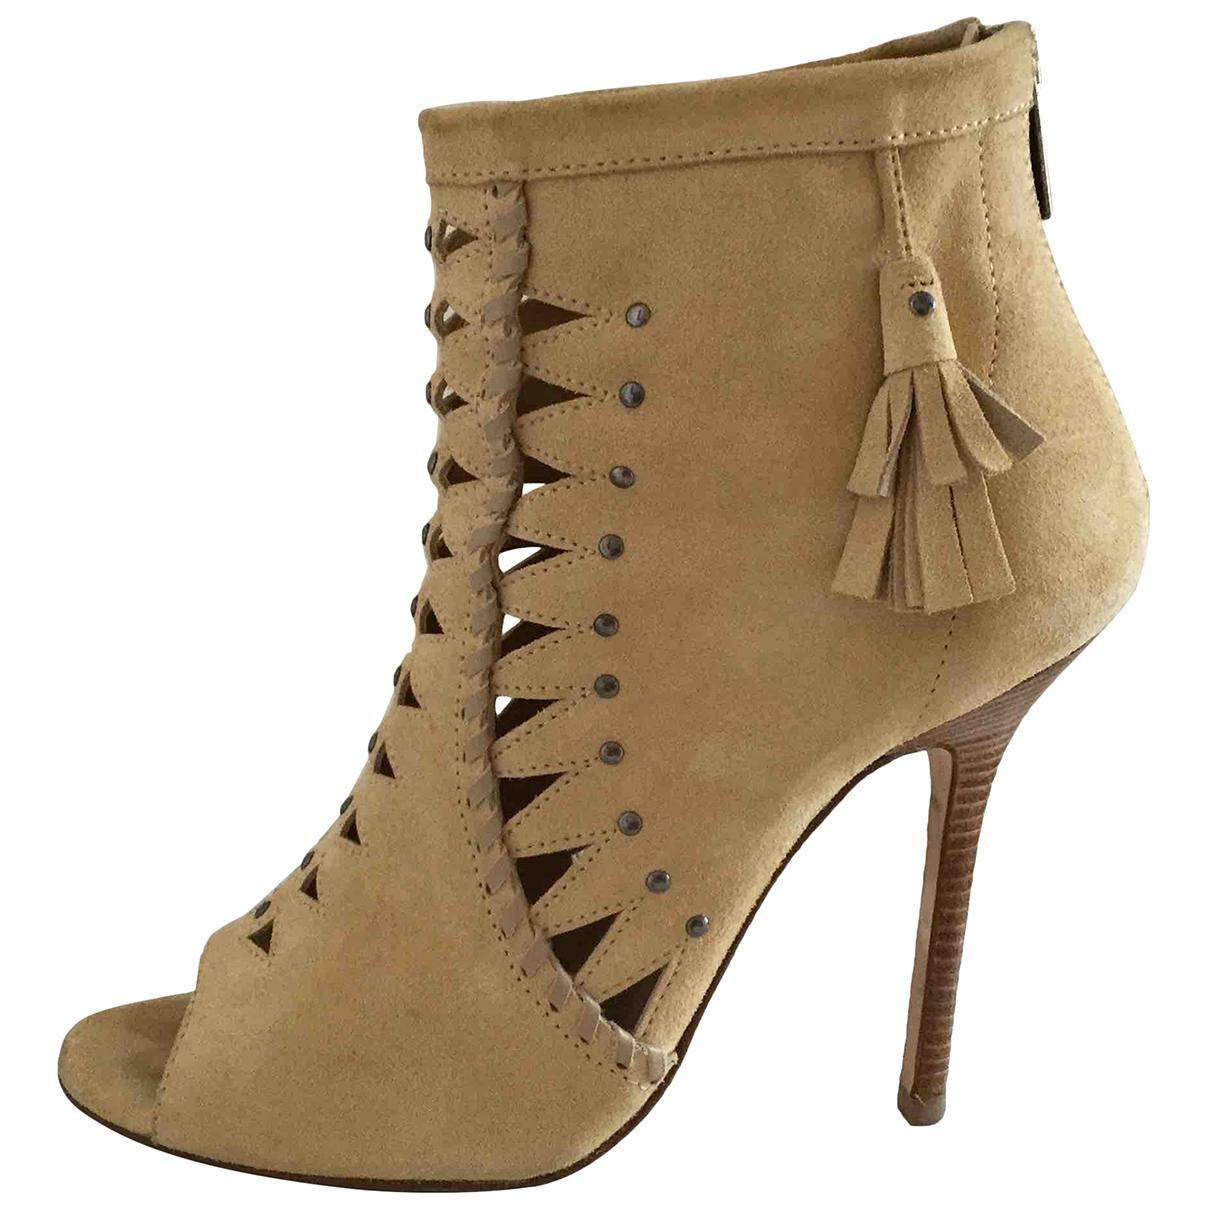 Jimmy Choo \N Beige Suede Ankle boots for Women 37 EU